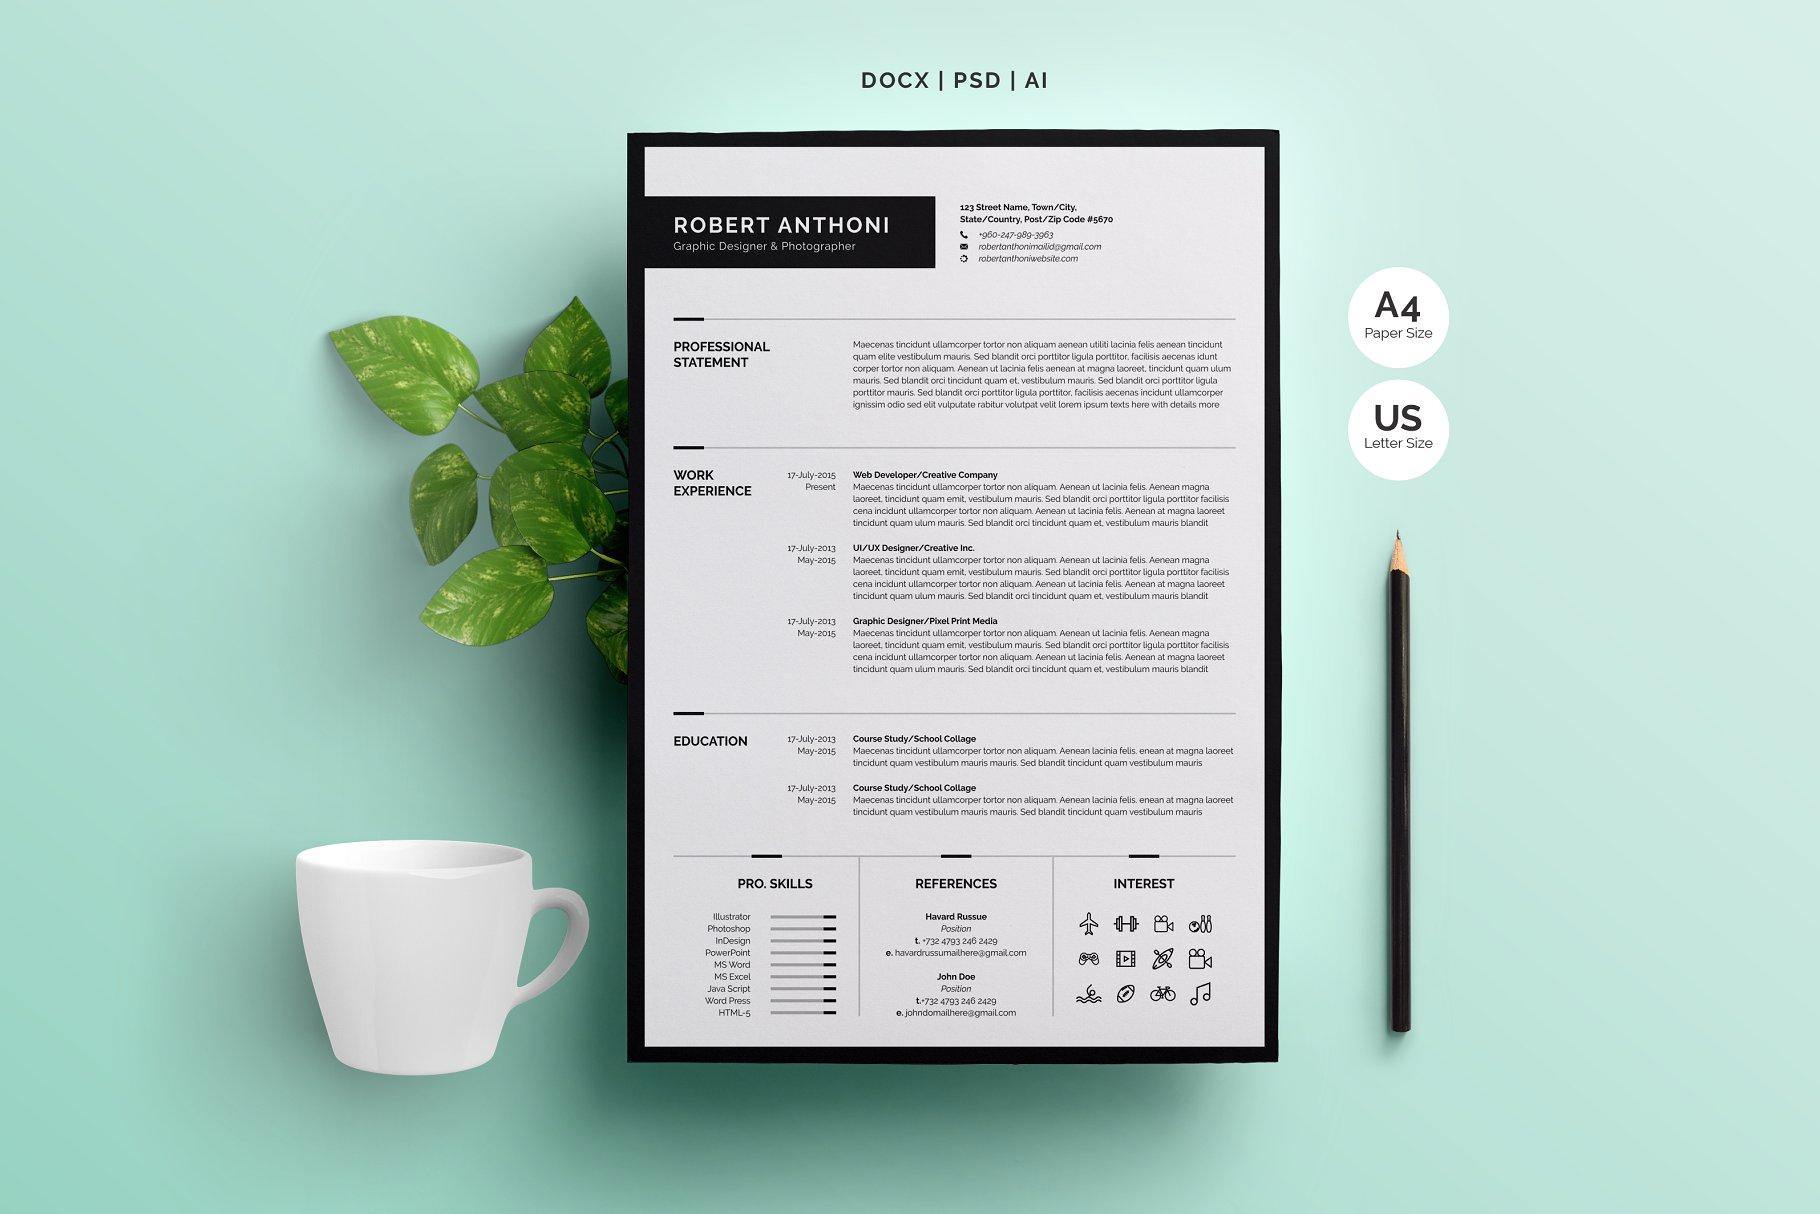 干净简洁的简历模板 Clean Resume Template 4 Pages